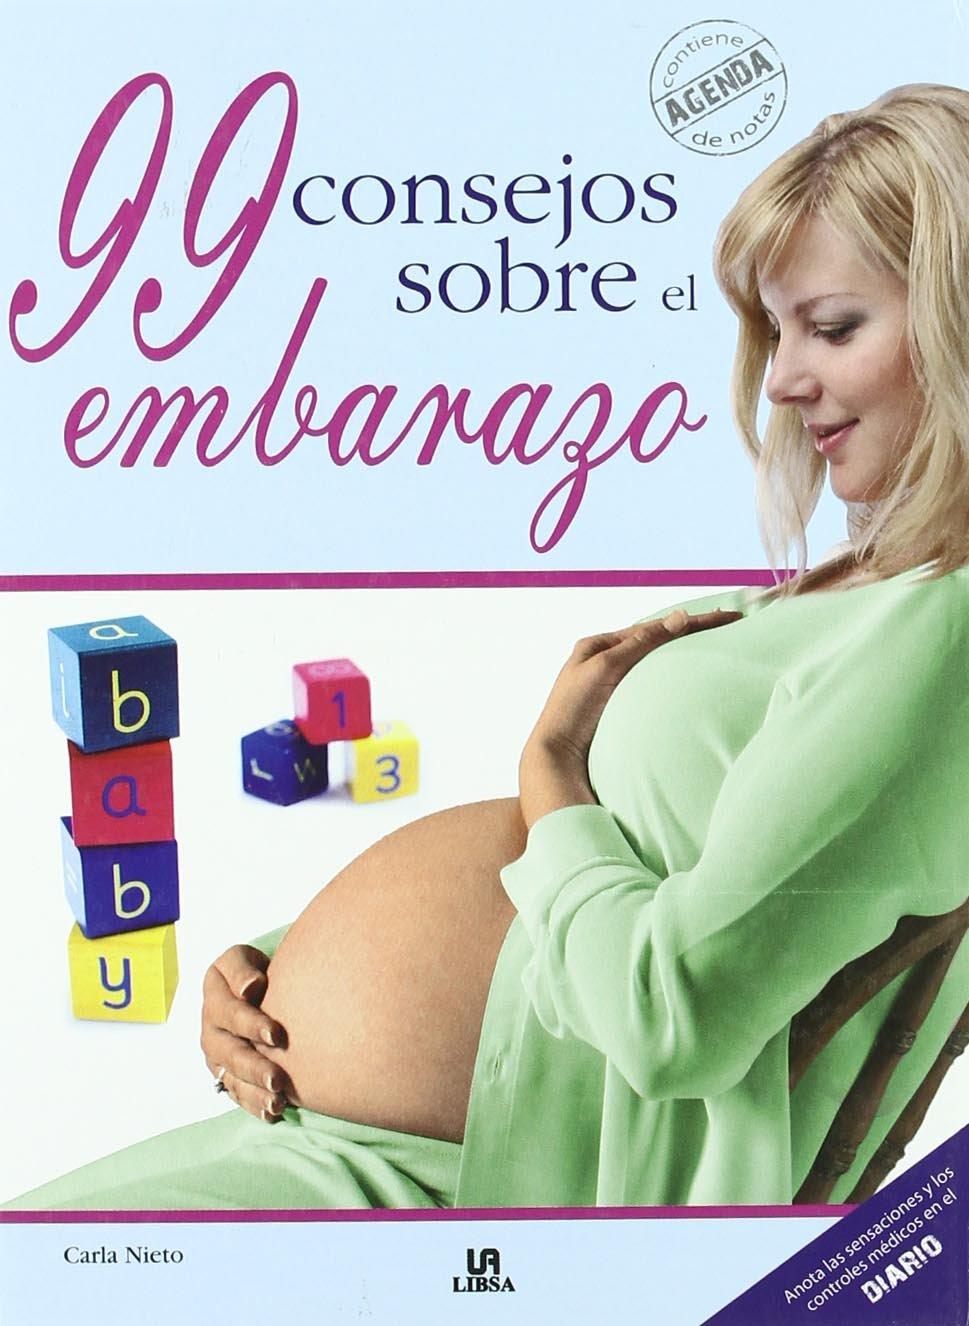 99 consejos sobre el embarazo / 99 Tips about Pregnancy ...